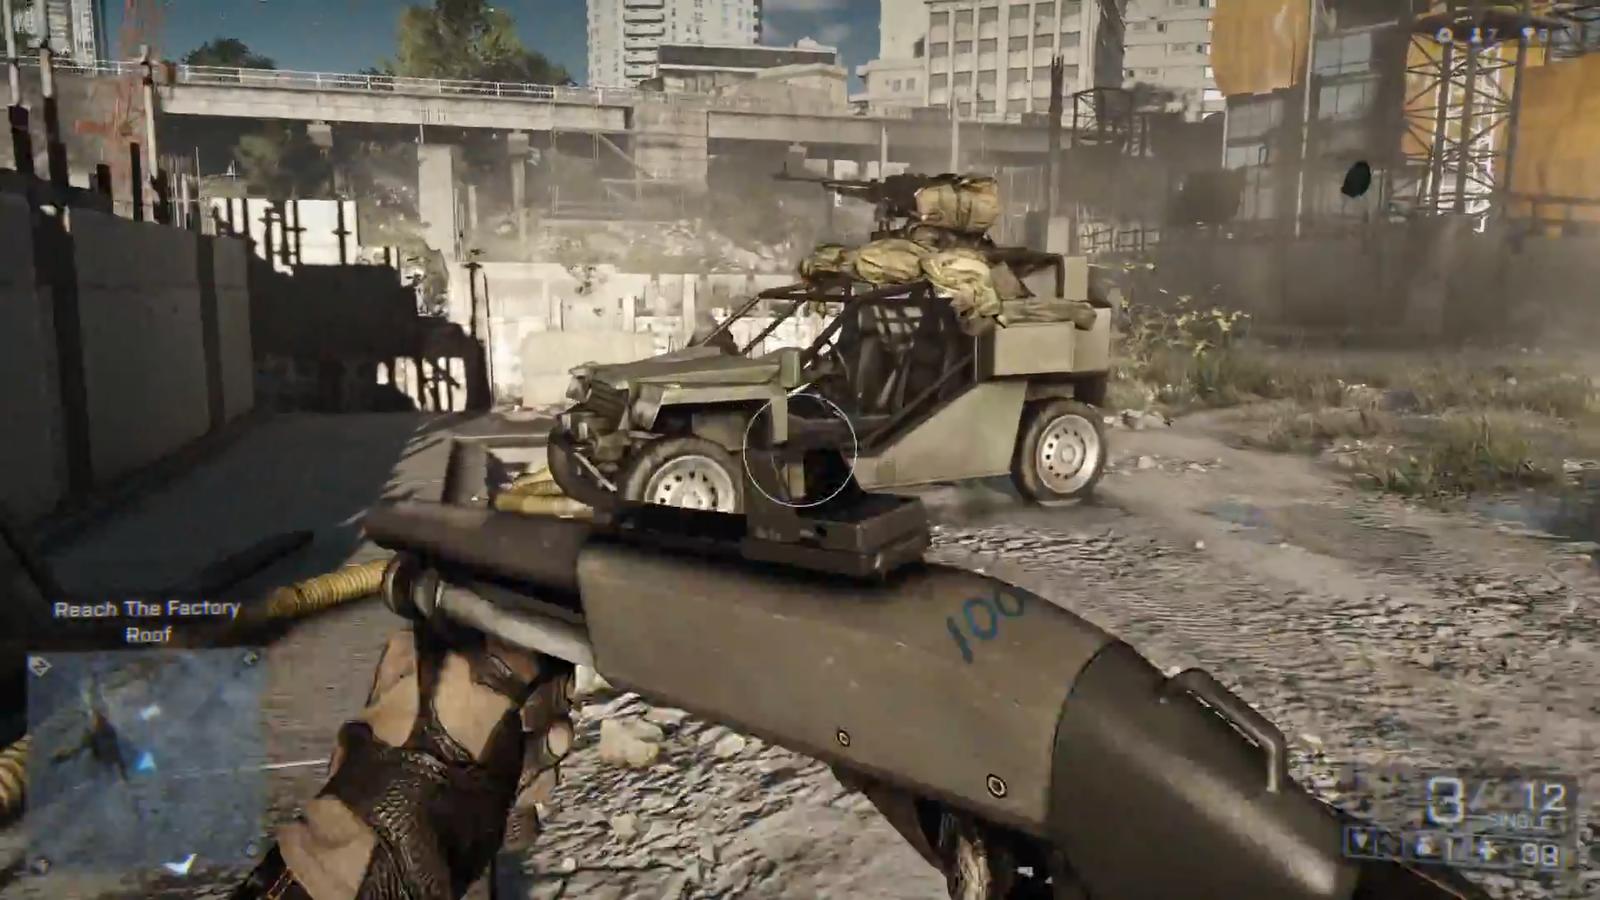 Free Key for Battlefield 4